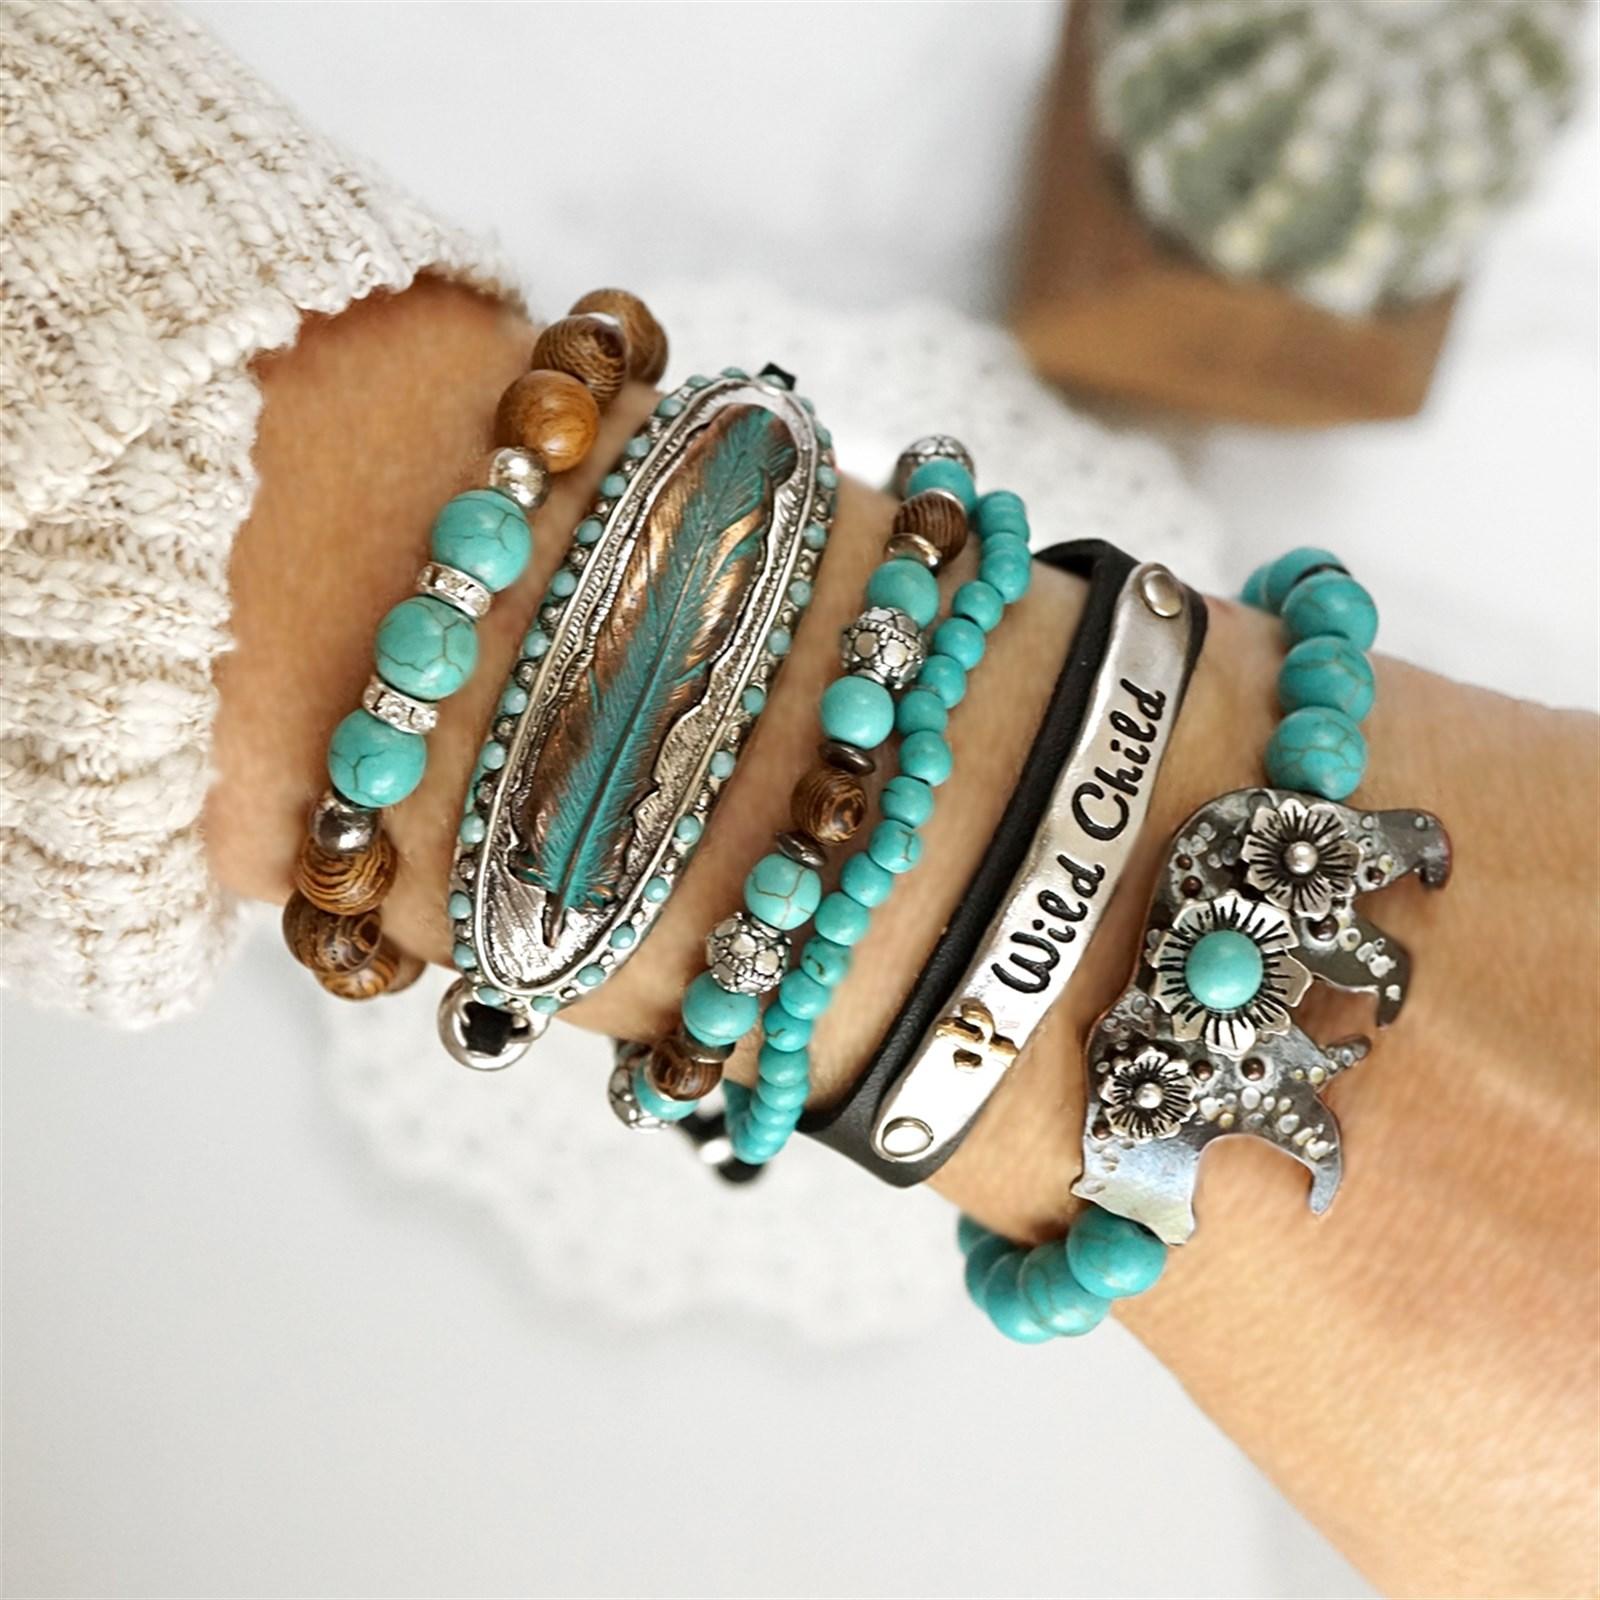 Gypsy Soul Layering Bracelets